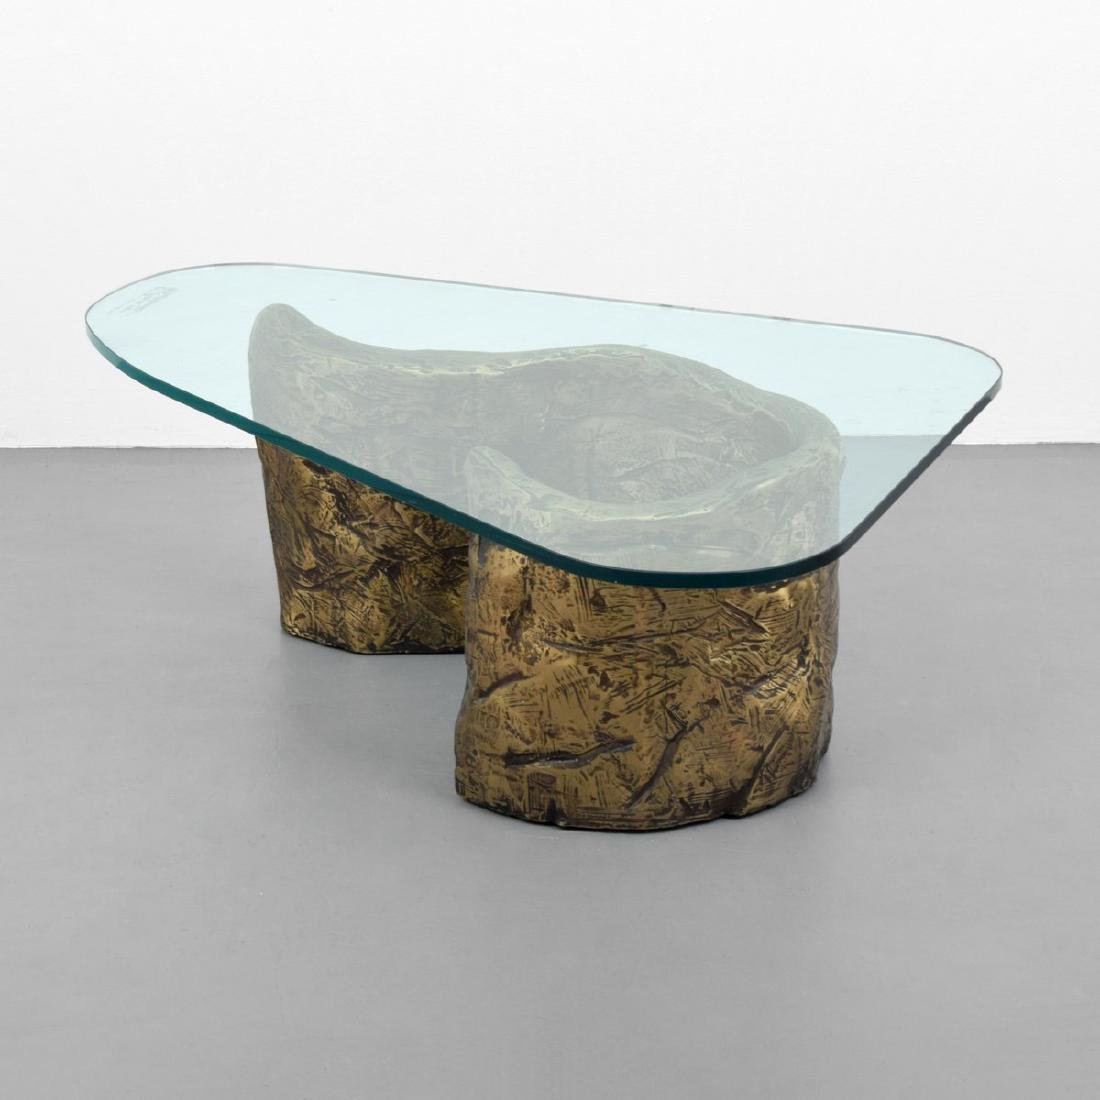 Brutalist Coffee Table, Manner of Silas Seandel